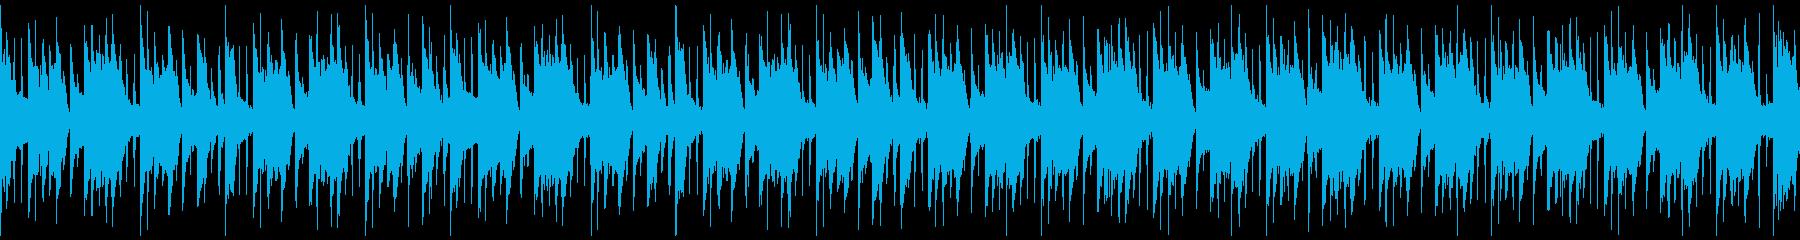 パーカッショングルーヴクラブ系ジングルの再生済みの波形